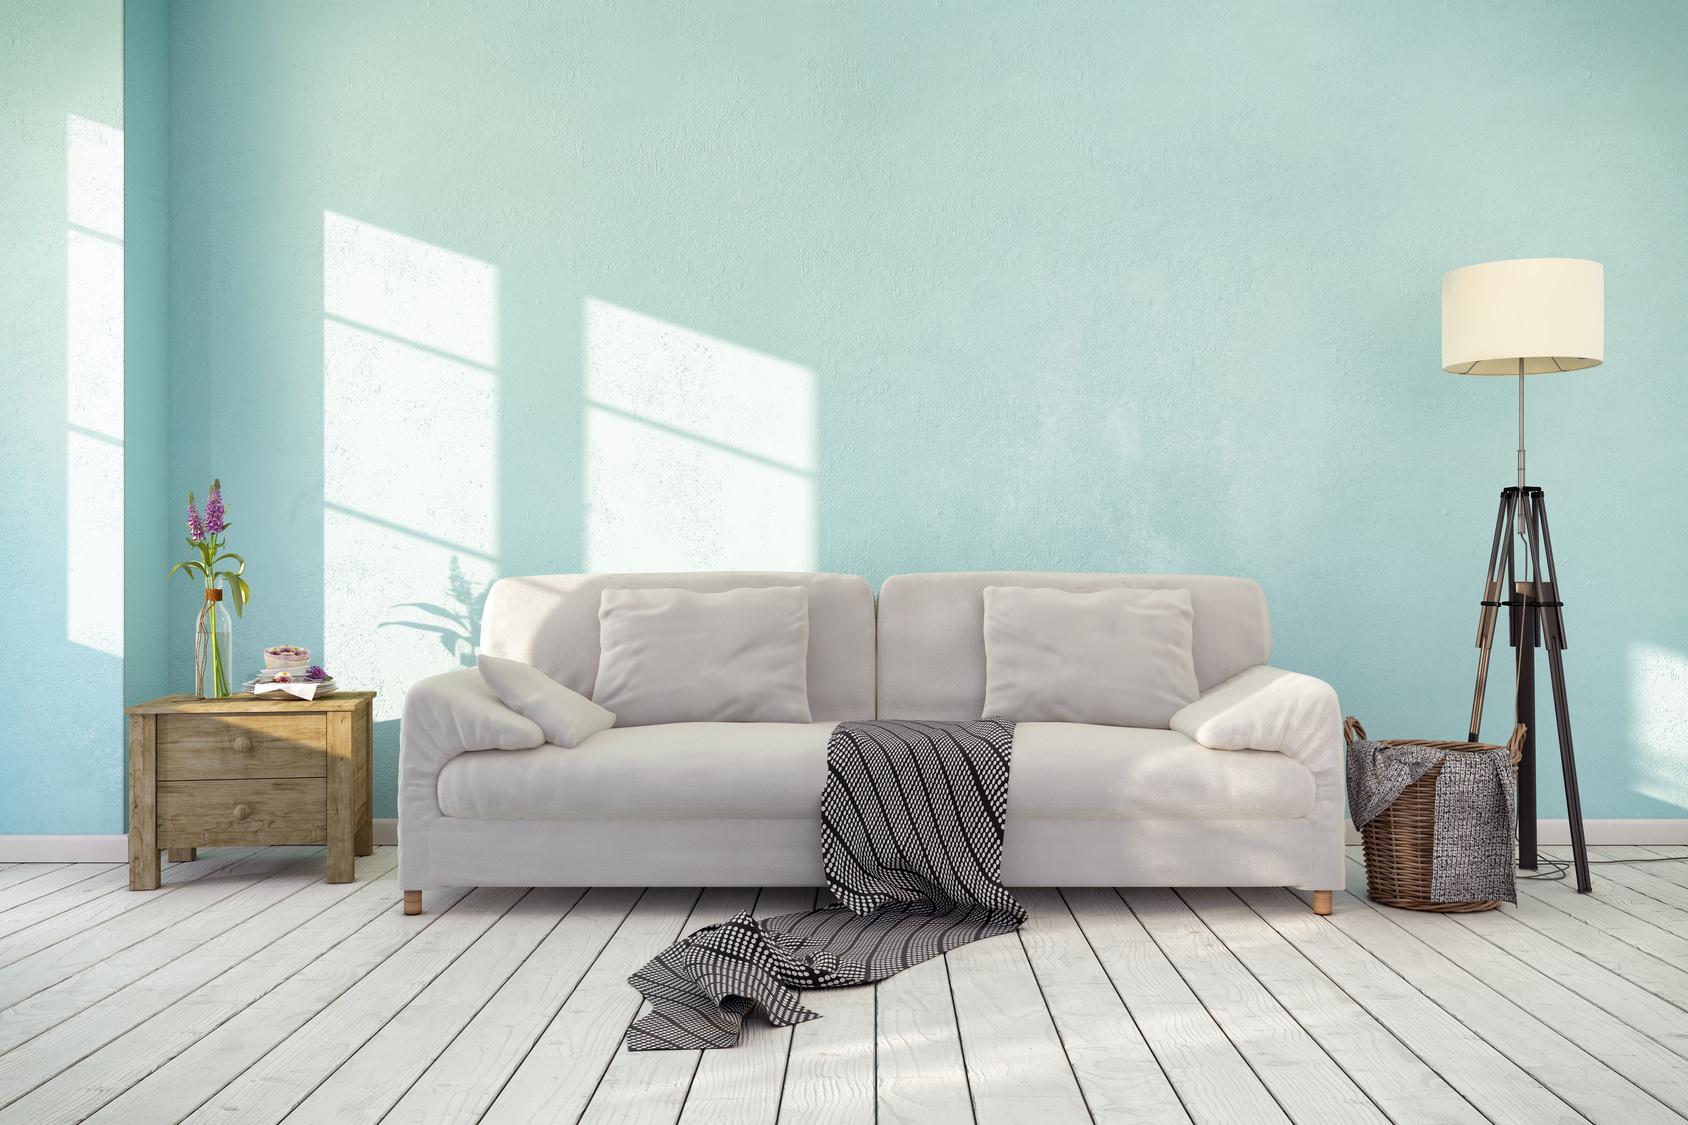 tat des lieux diff rencier usure normale et d gradation e g rance. Black Bedroom Furniture Sets. Home Design Ideas